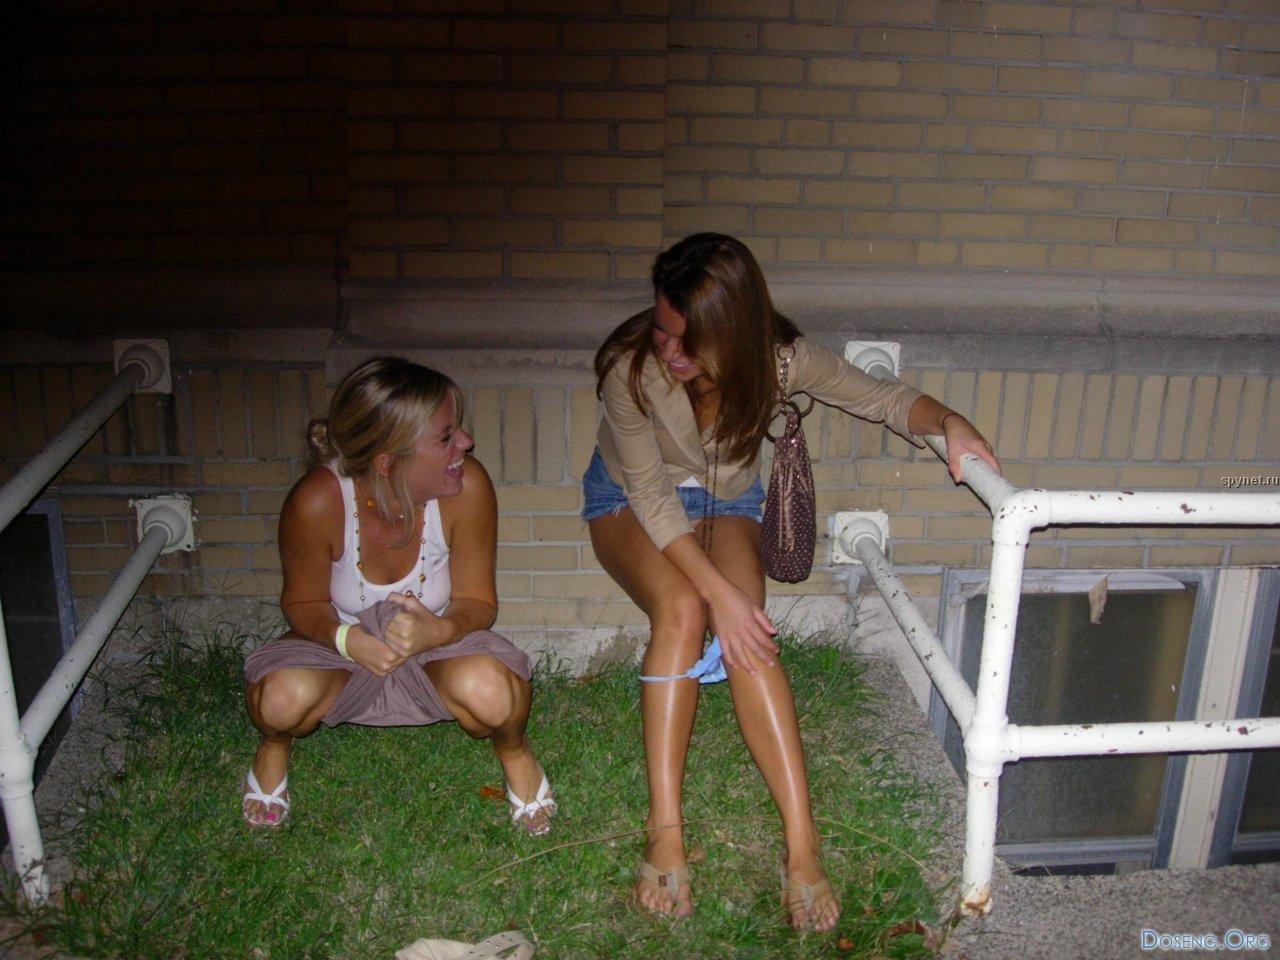 Ххх подглядывание за девушками в туалете 24 фотография